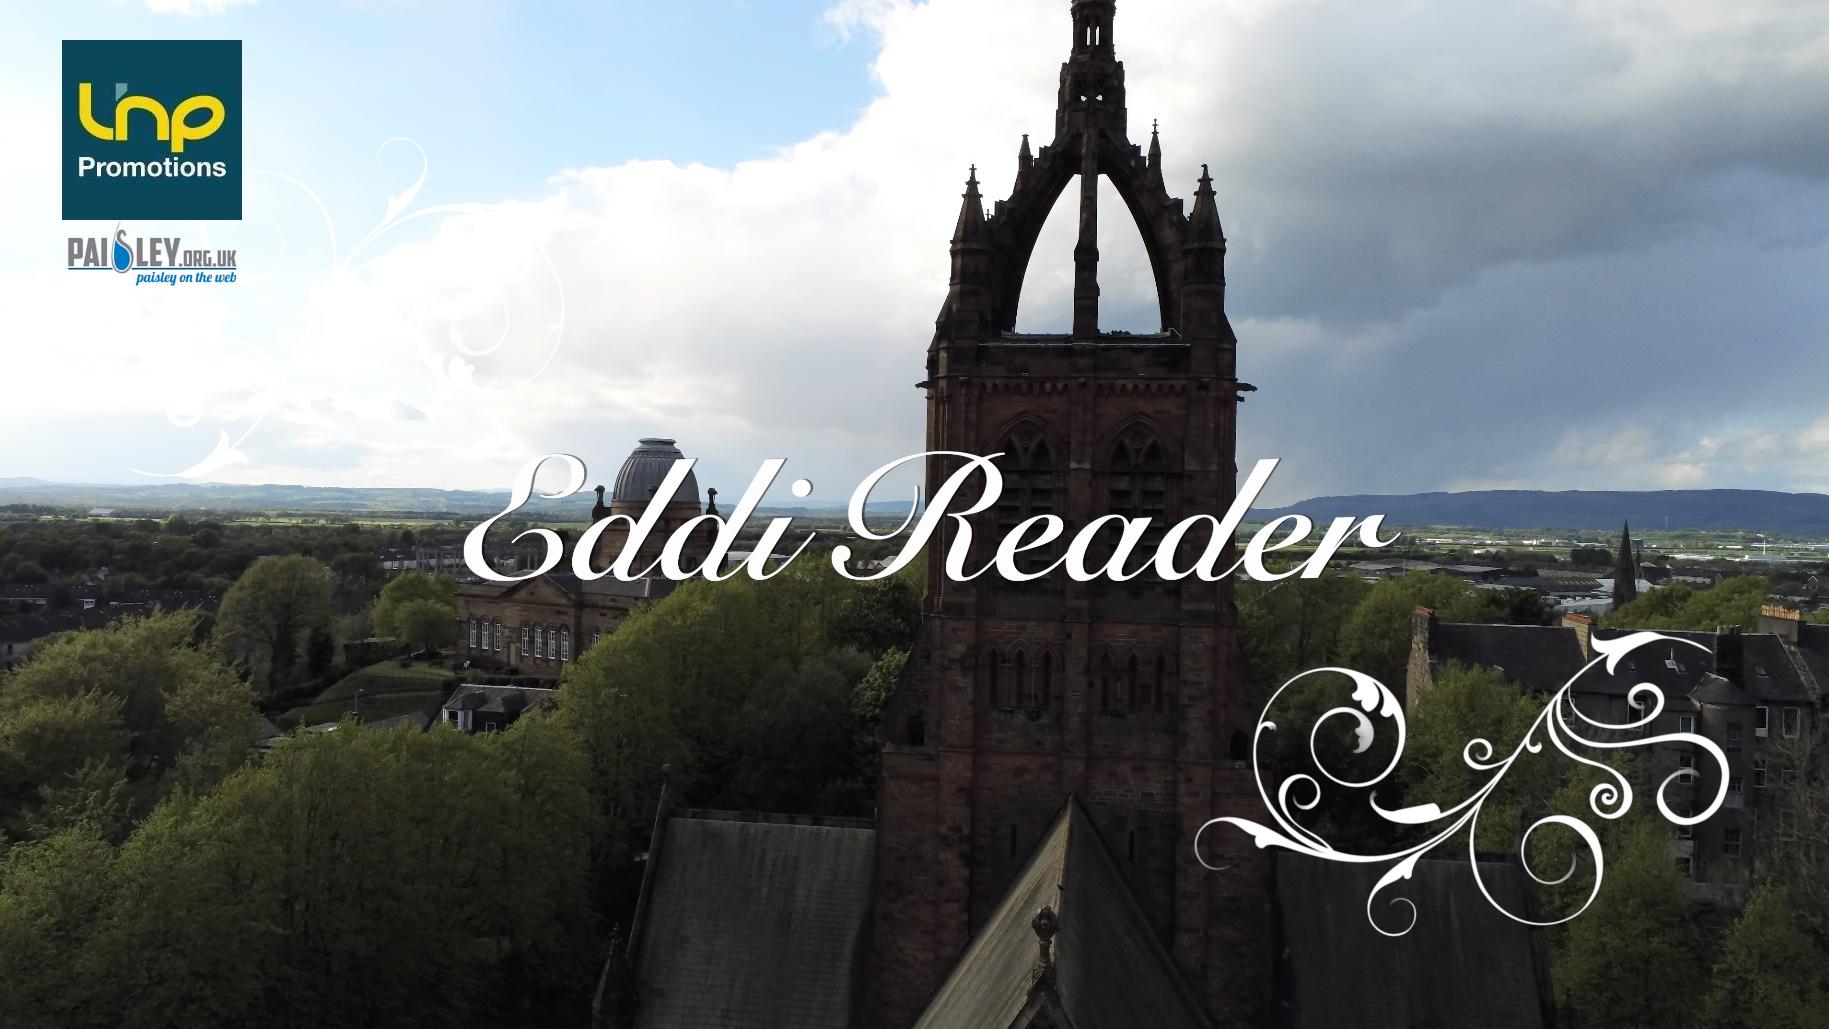 eddi-reader